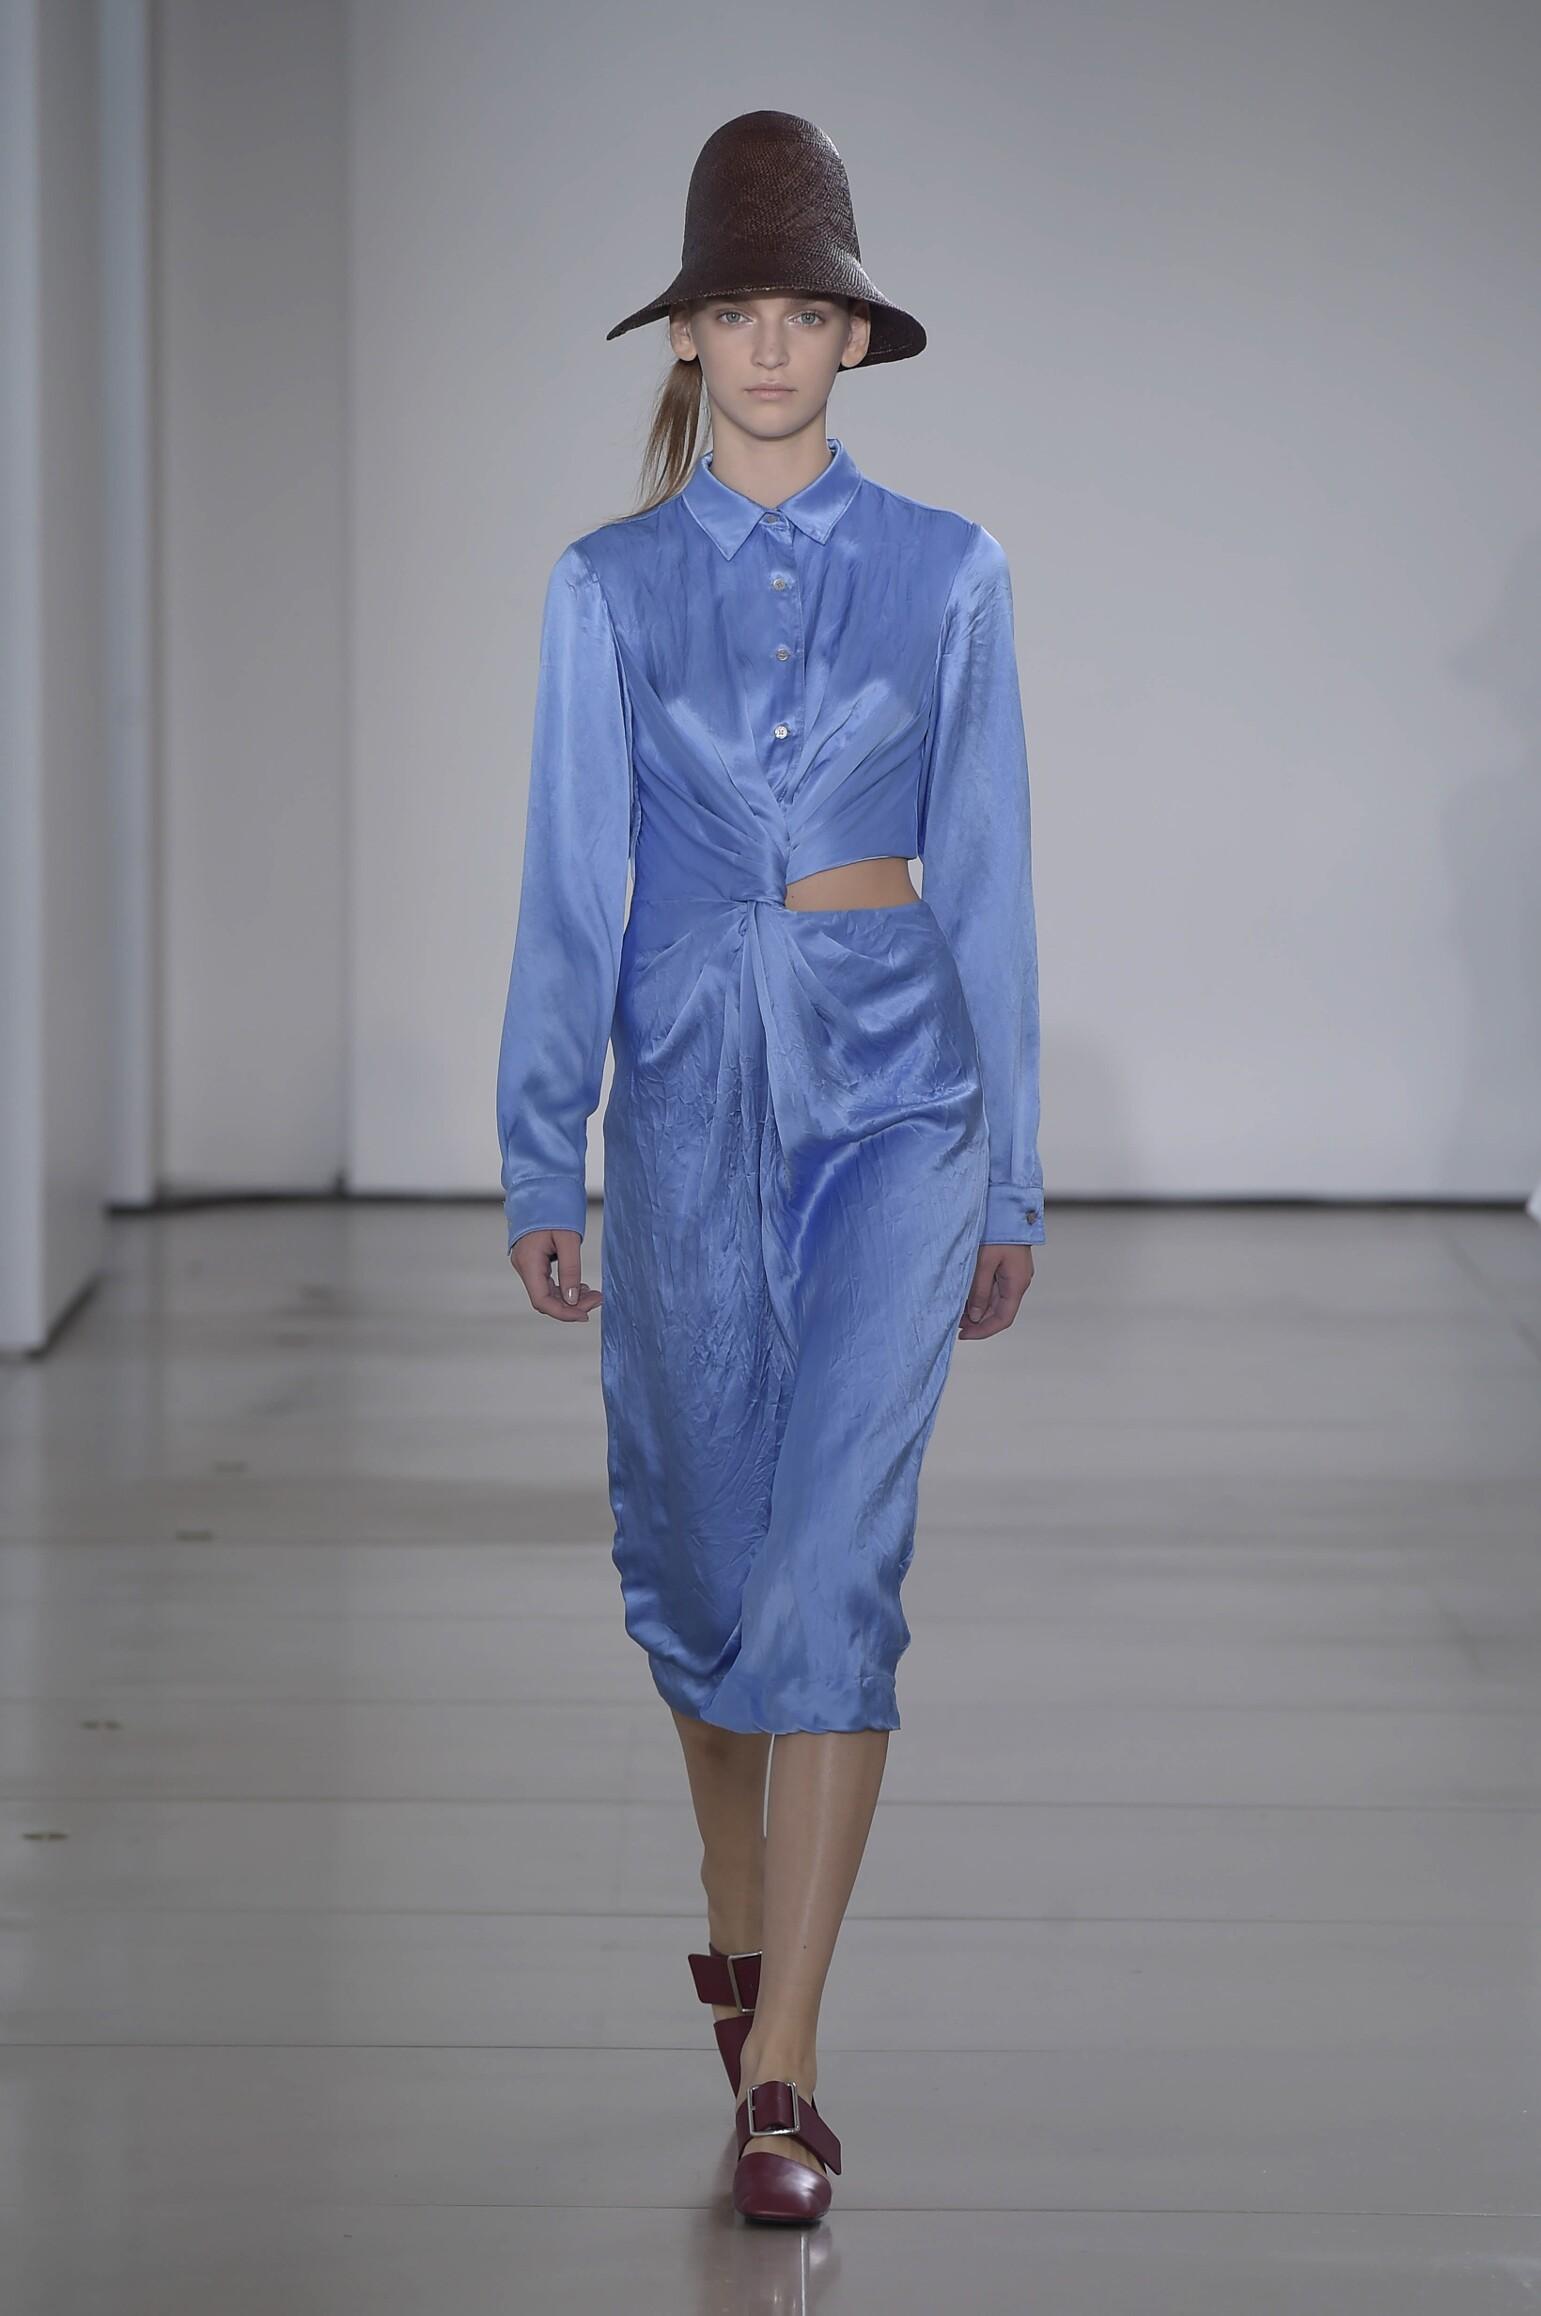 Summer 2016 Woman Trends Jil Sander